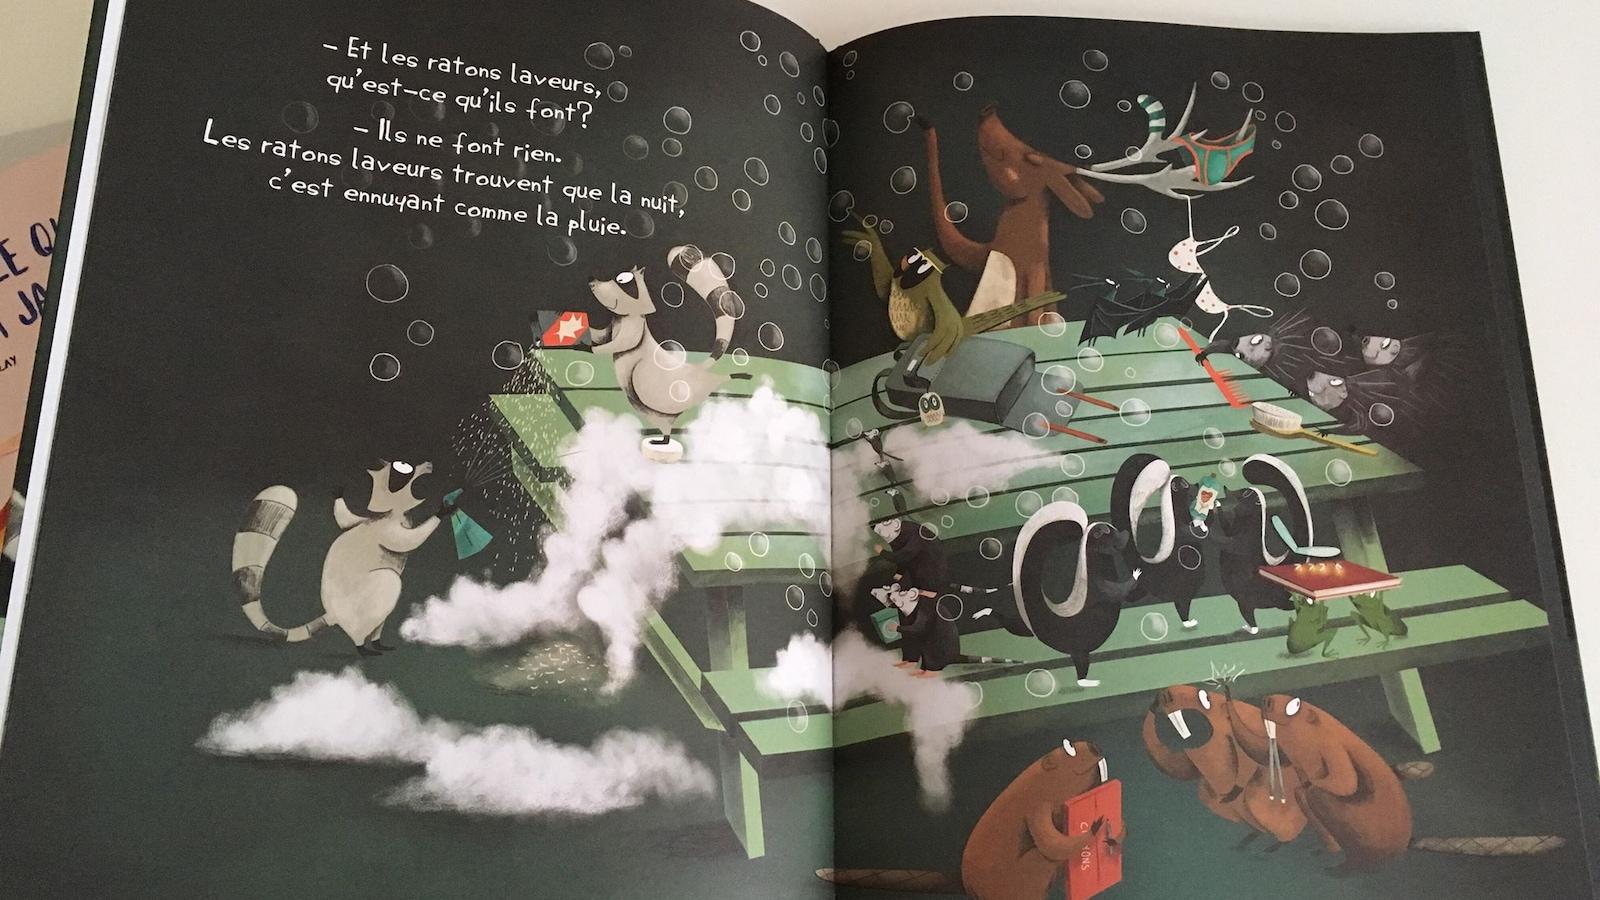 On voit l'intérieur d'un livre avec des illustrations de différents animaux sauvages. Un raton laveur, des marmottes et un hibou.